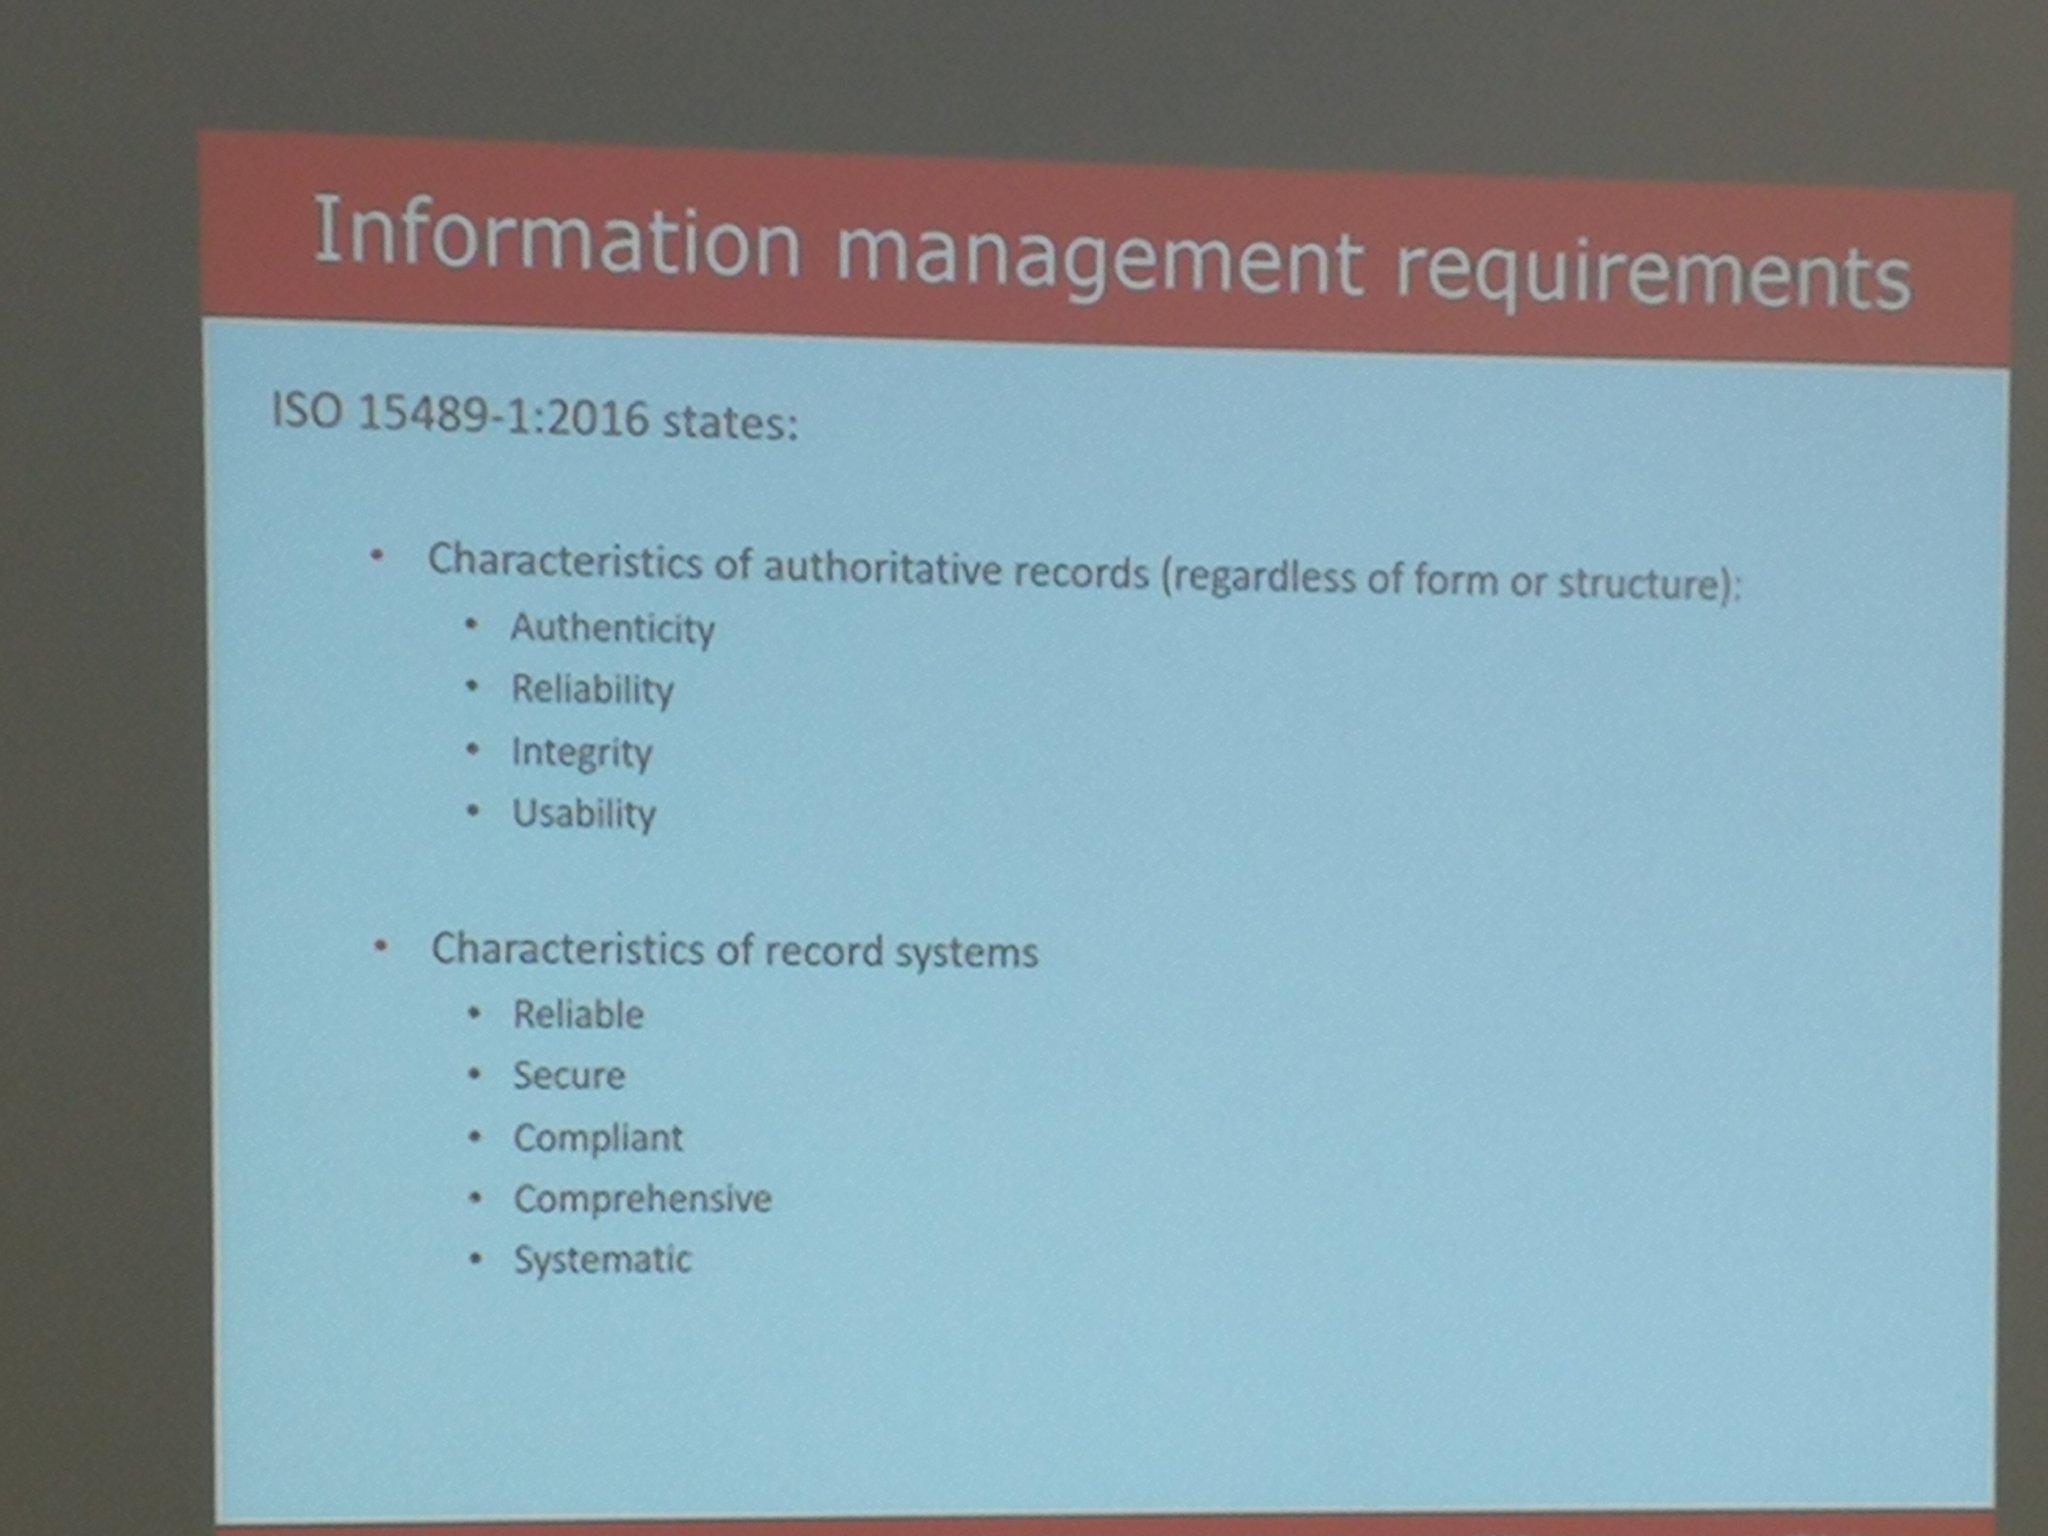 Can #blockchain meet these IM requirements? asks @NoeleenSchenk #netikx86 https://t.co/0OaDa47uMg